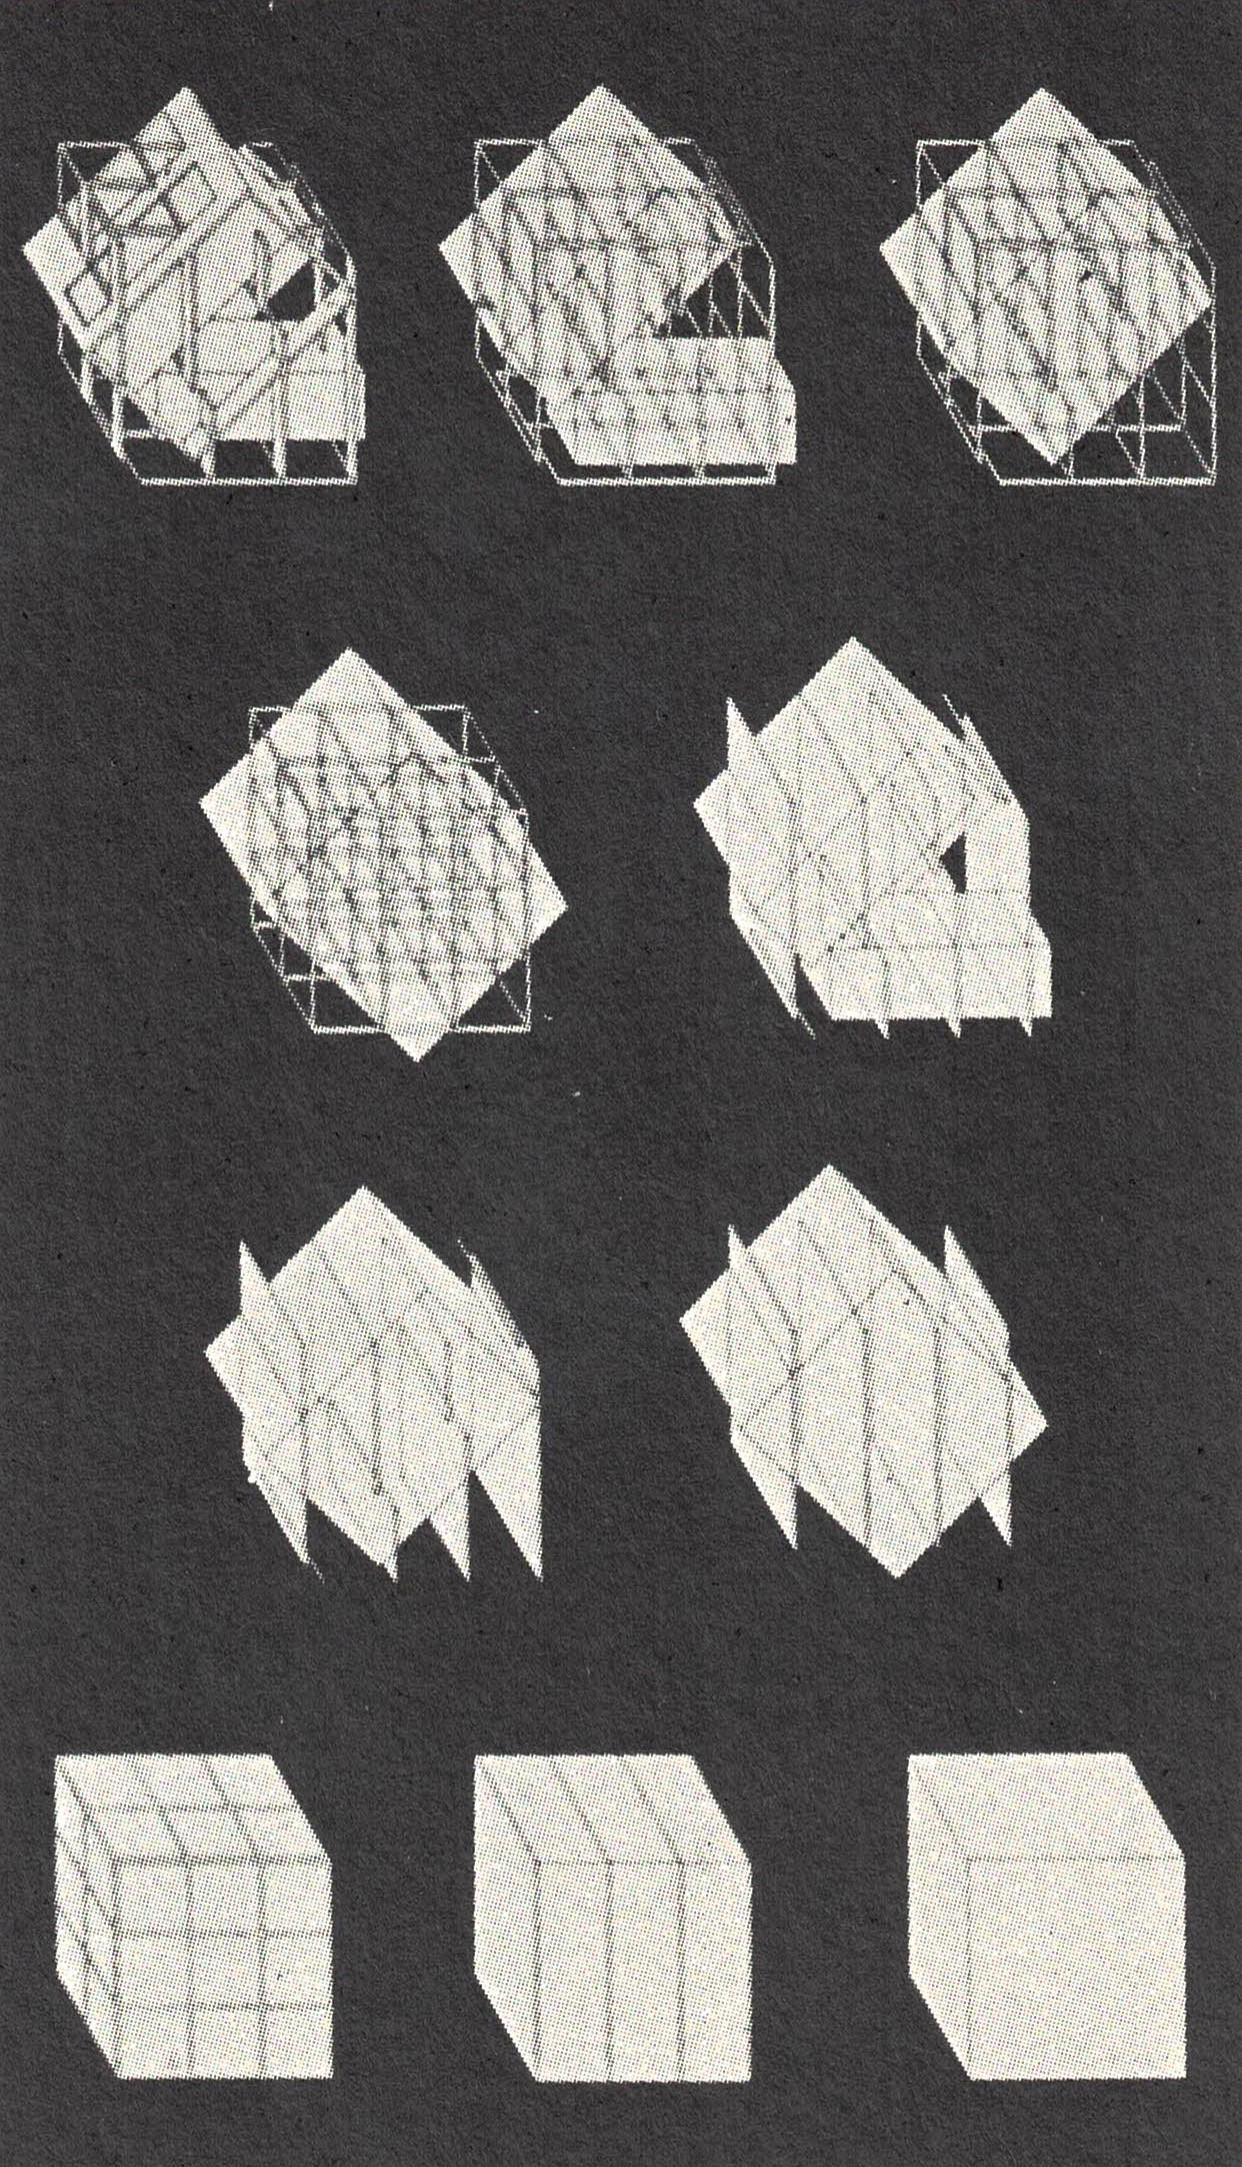 """Figura 17. Eiseman, Esquemas de """"decomposição"""" para Casa III"""